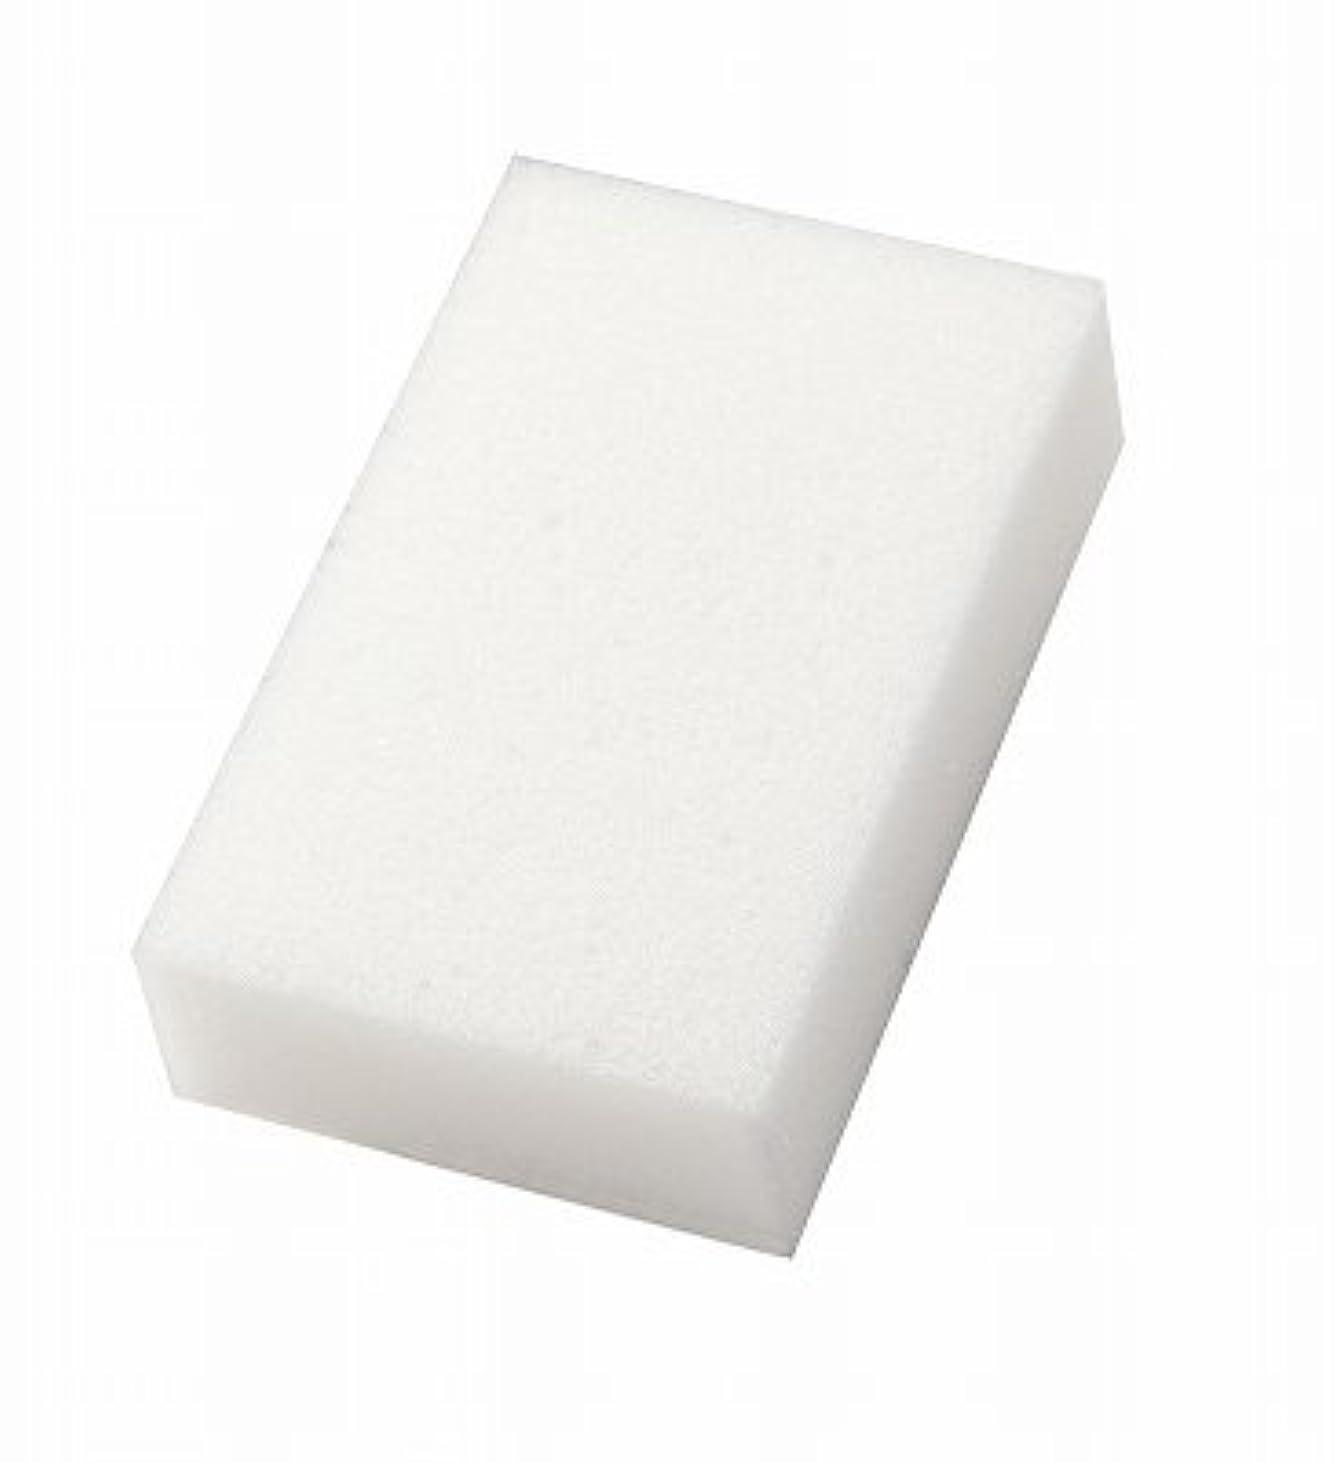 単語好きであるいくつかのホテルアメニティ 業務用 使い捨てスポンジ 圧縮ボディスポンジ 個包装タイプ 厚み 約25mm お試し1個